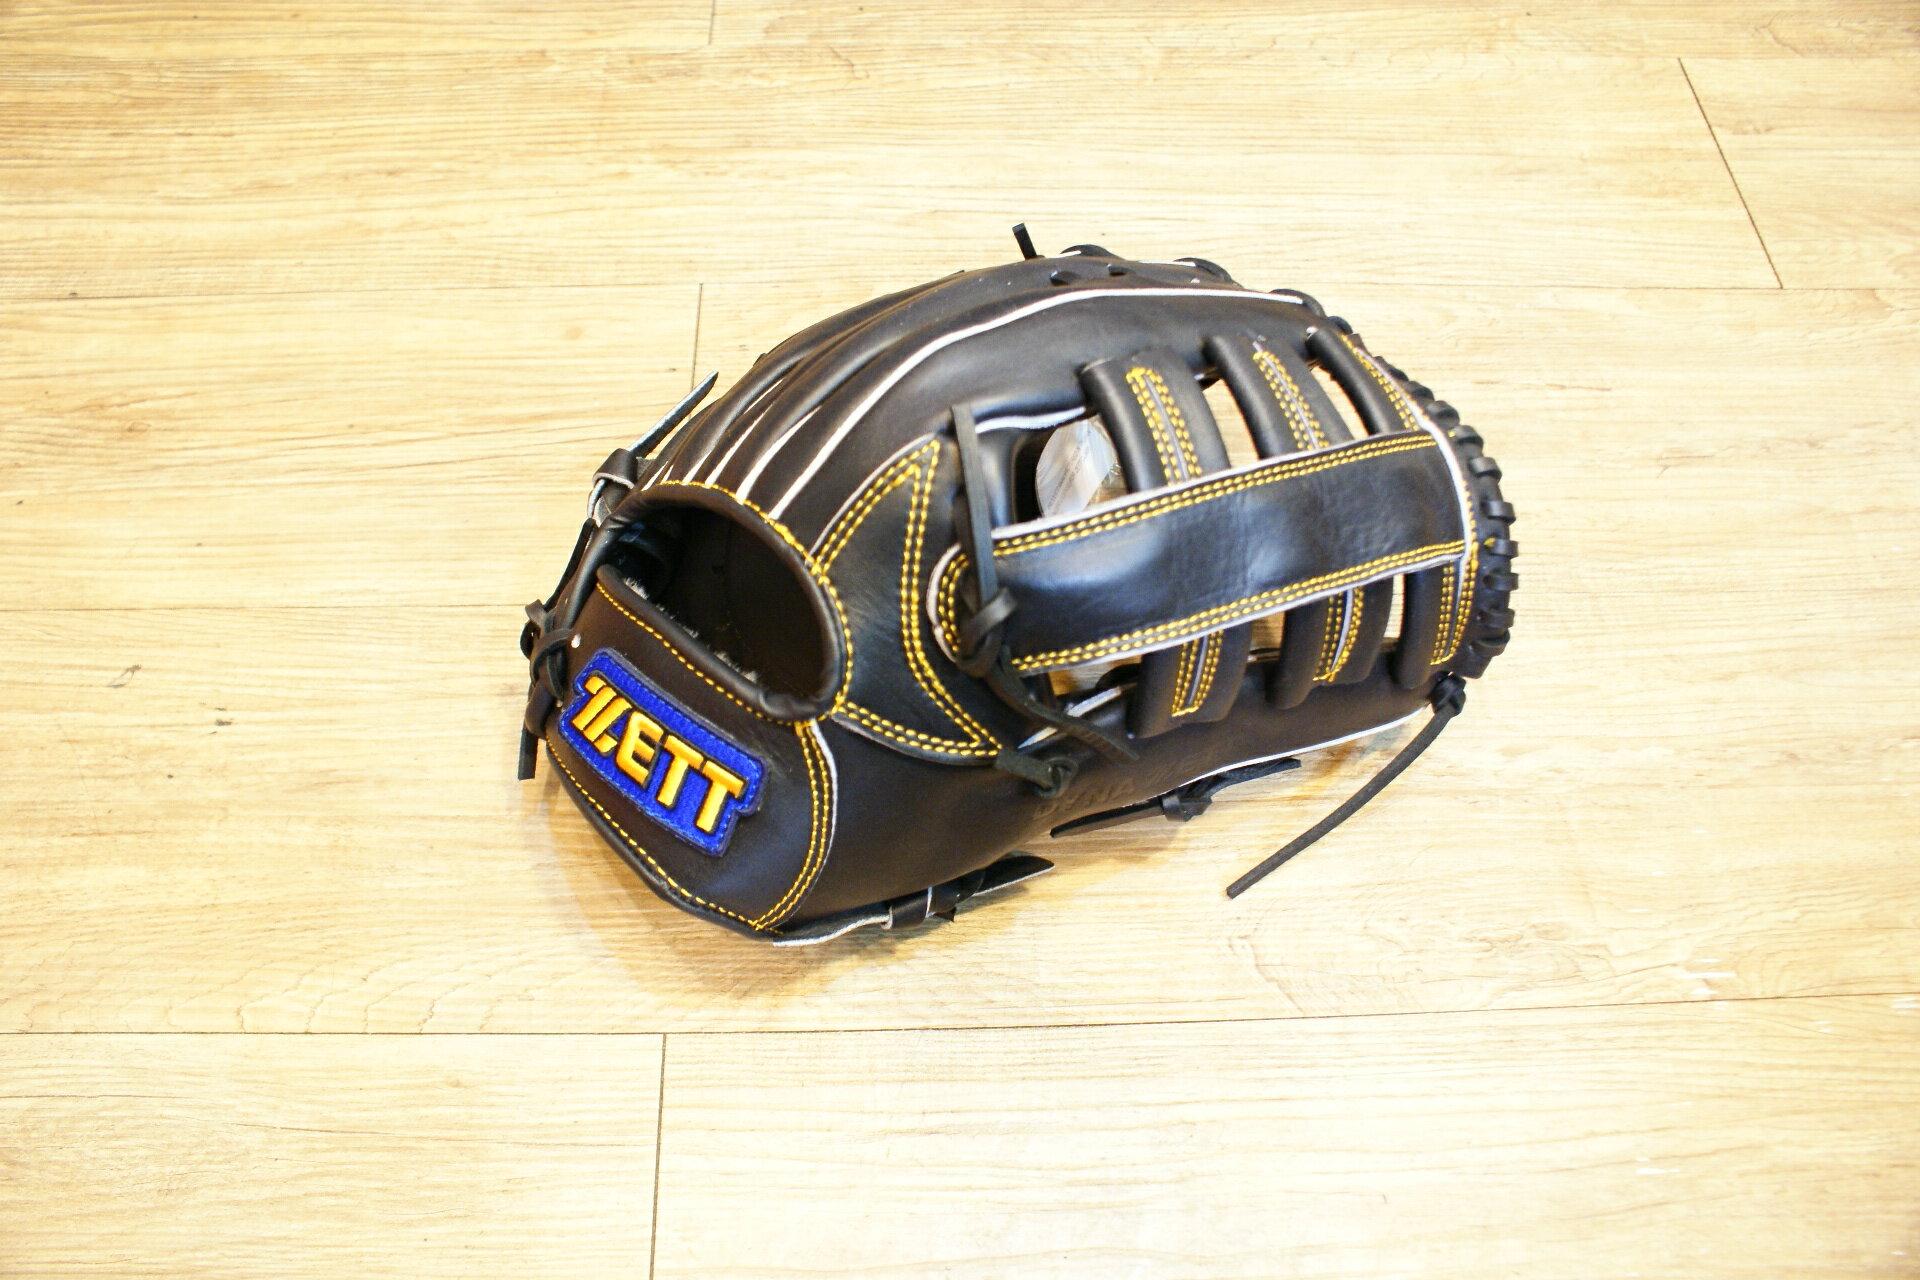 棒球世界 全新ZETT棒球外野手手套 黑色款 特價 雙十字檔